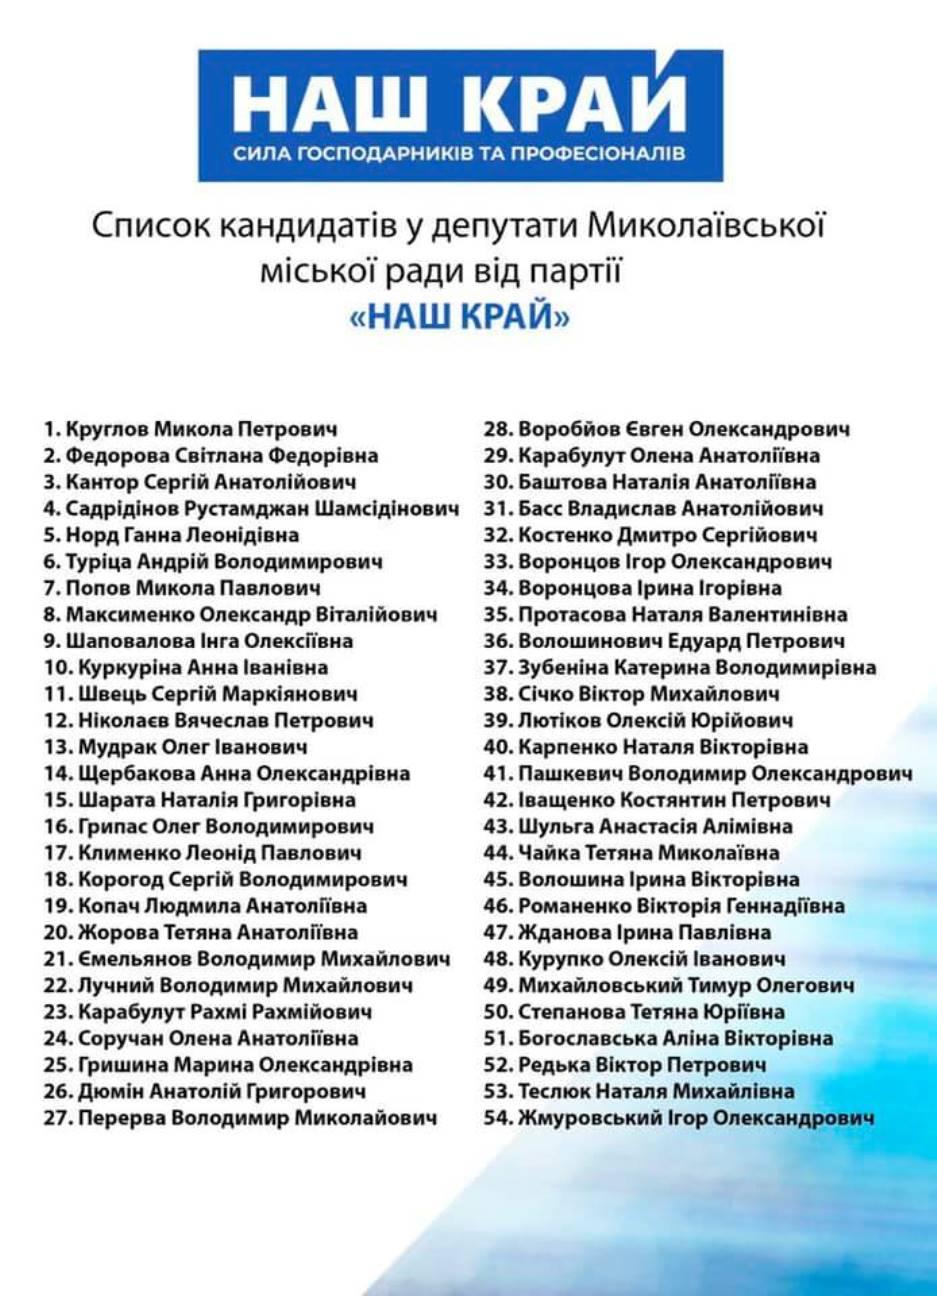 """В Николаеве ОПОРА заявила в полицию о нарушении предвыборной агитации партии """"Наш Край"""" 9"""